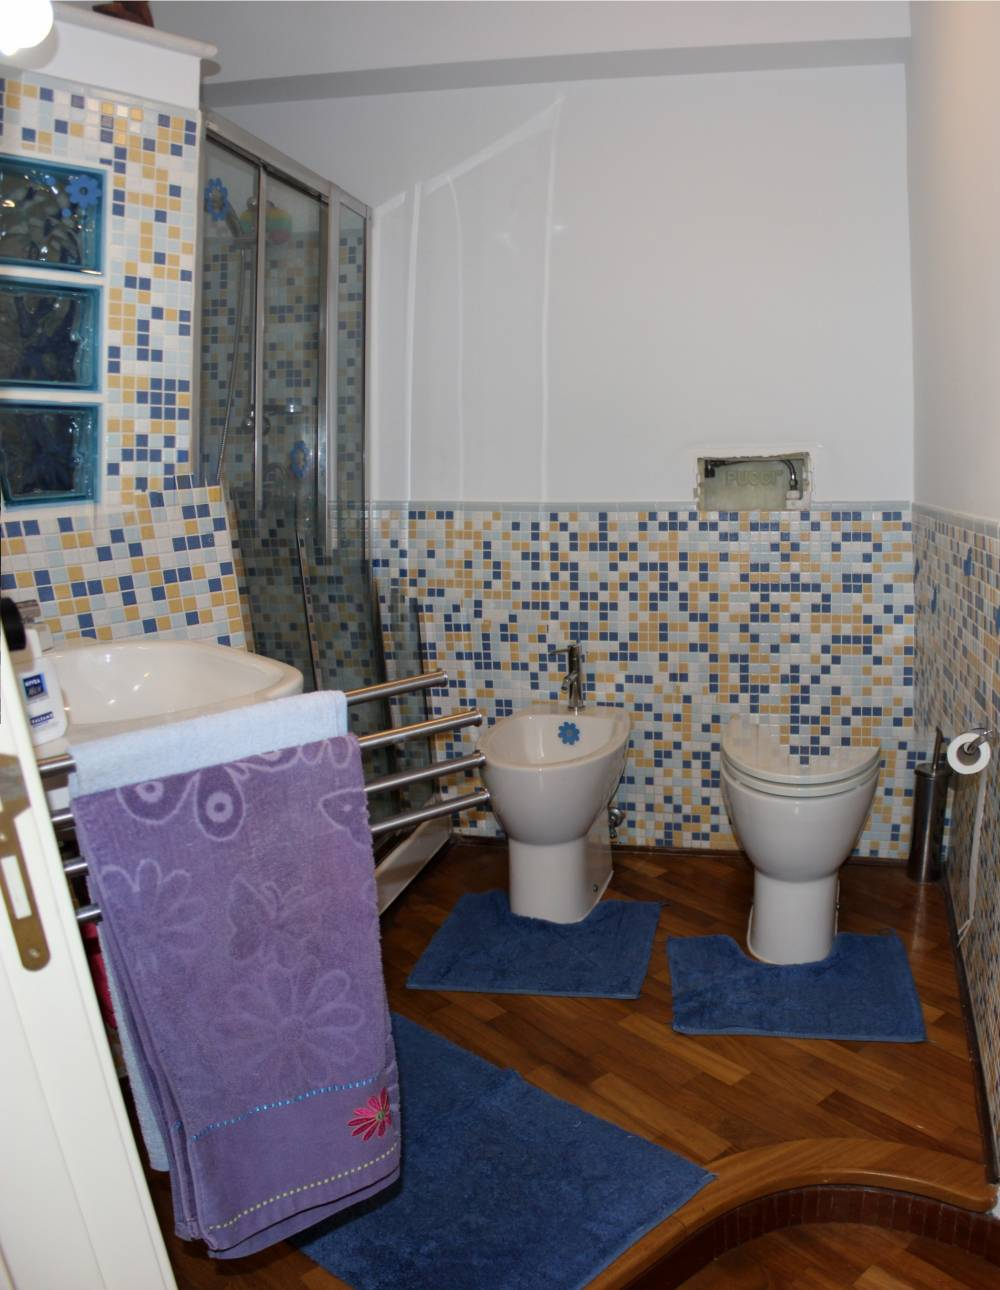 Foto n. 2 del primo bagno